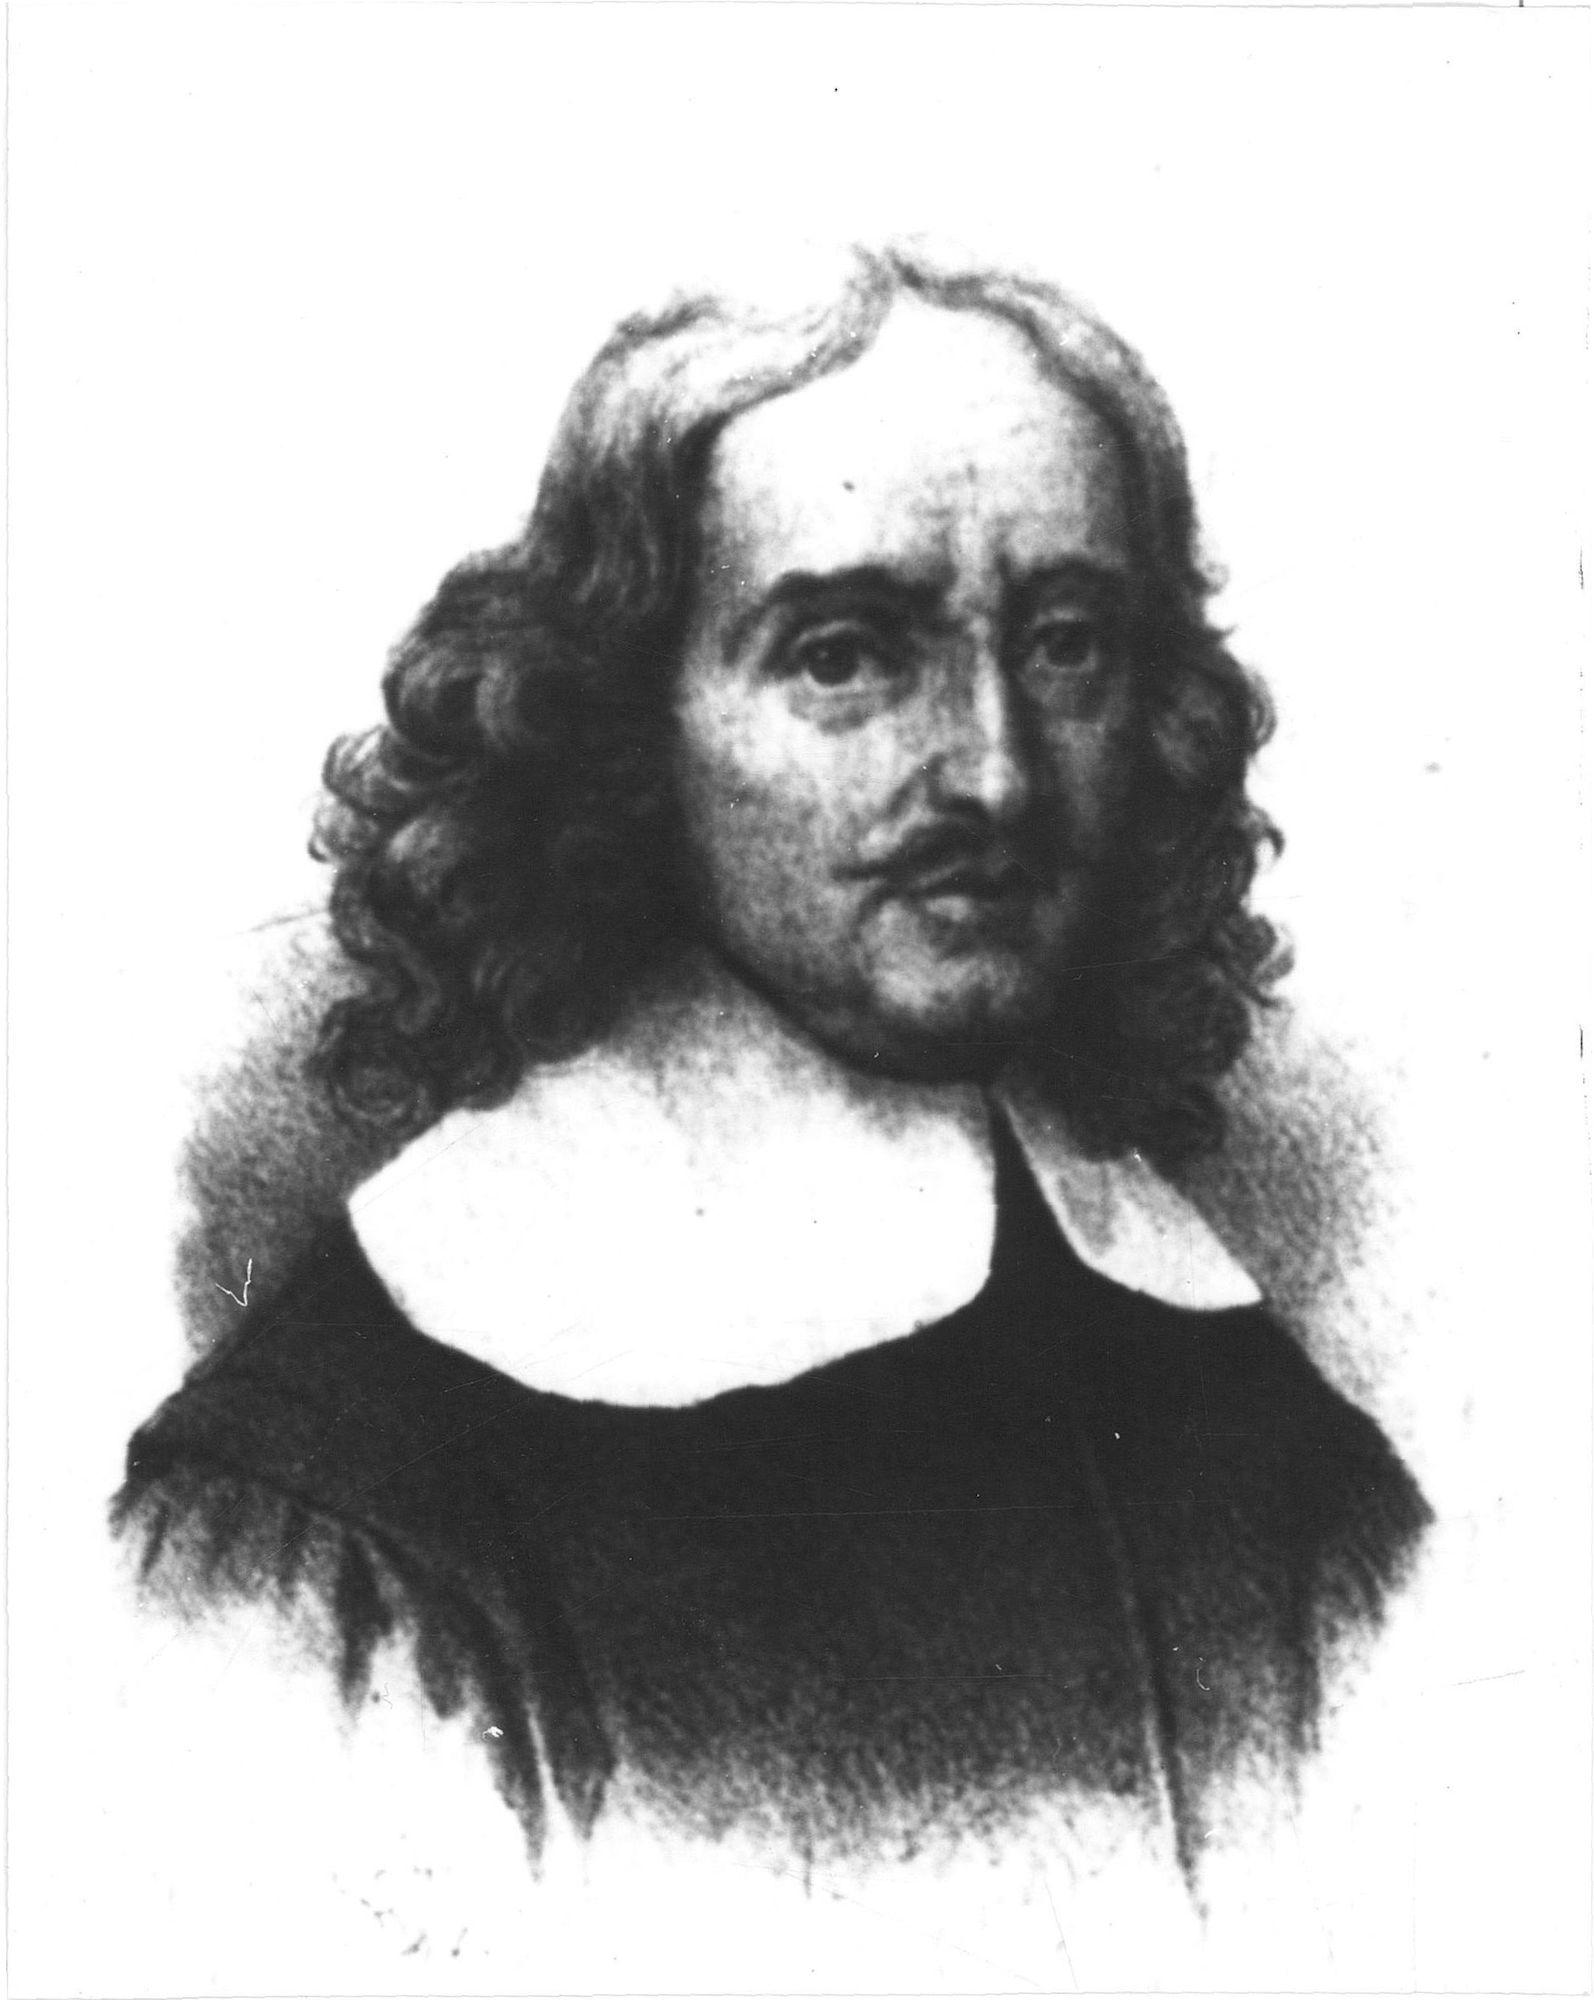 Portret van Jan Palfyn, Kortrijks chirurgijn